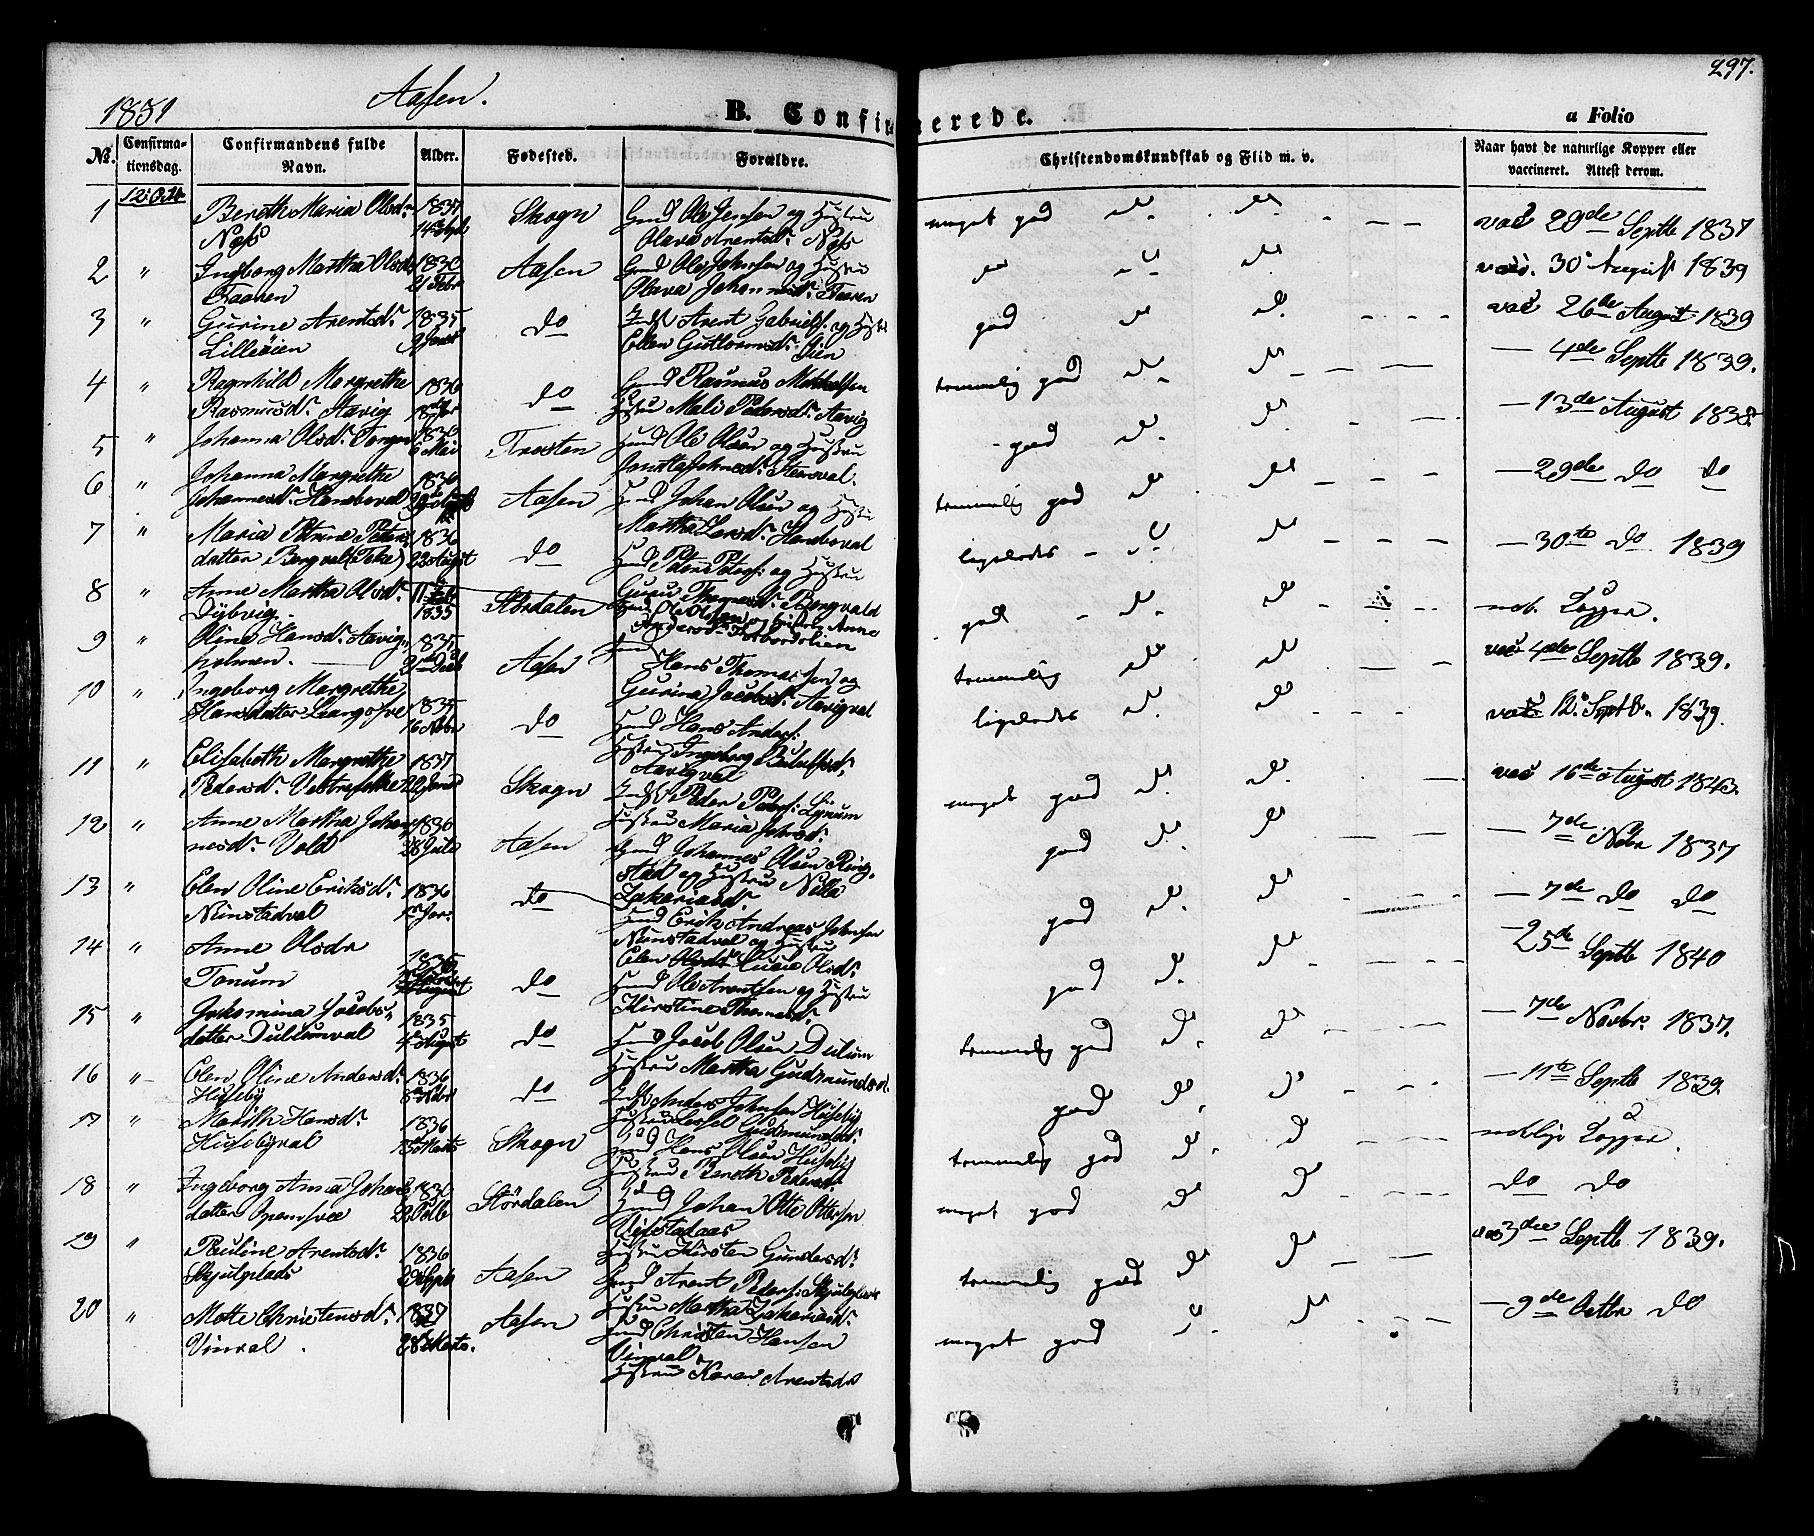 SAT, Ministerialprotokoller, klokkerbøker og fødselsregistre - Nord-Trøndelag, 713/L0116: Ministerialbok nr. 713A07, 1850-1877, s. 297